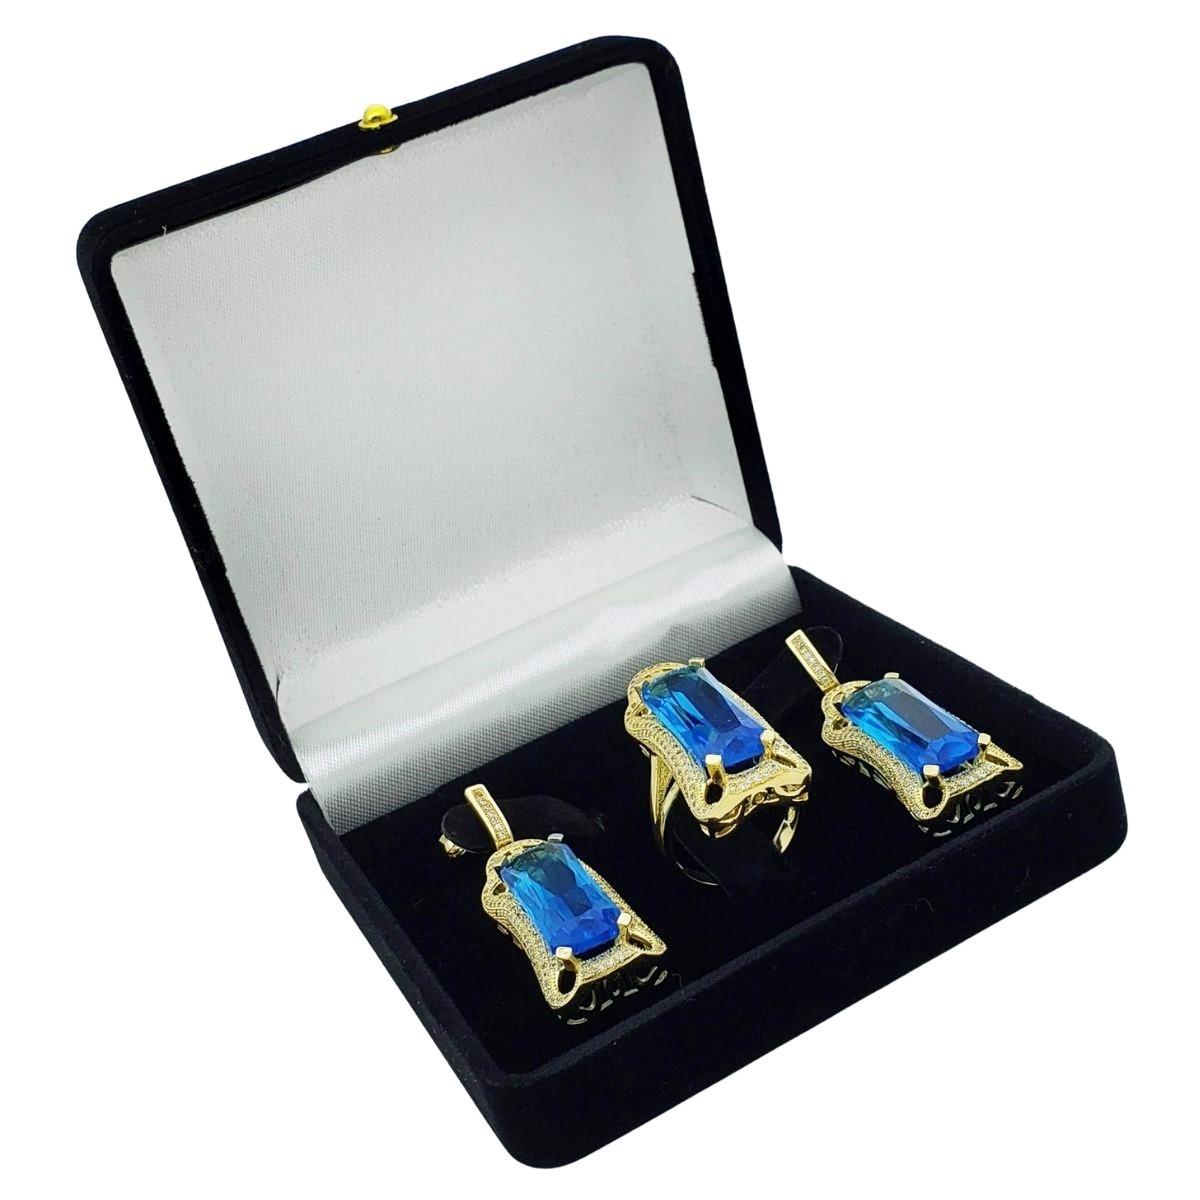 Anel E Brincos Azul Topázio Cravejados Banho De Ouro 18k 2389 2390